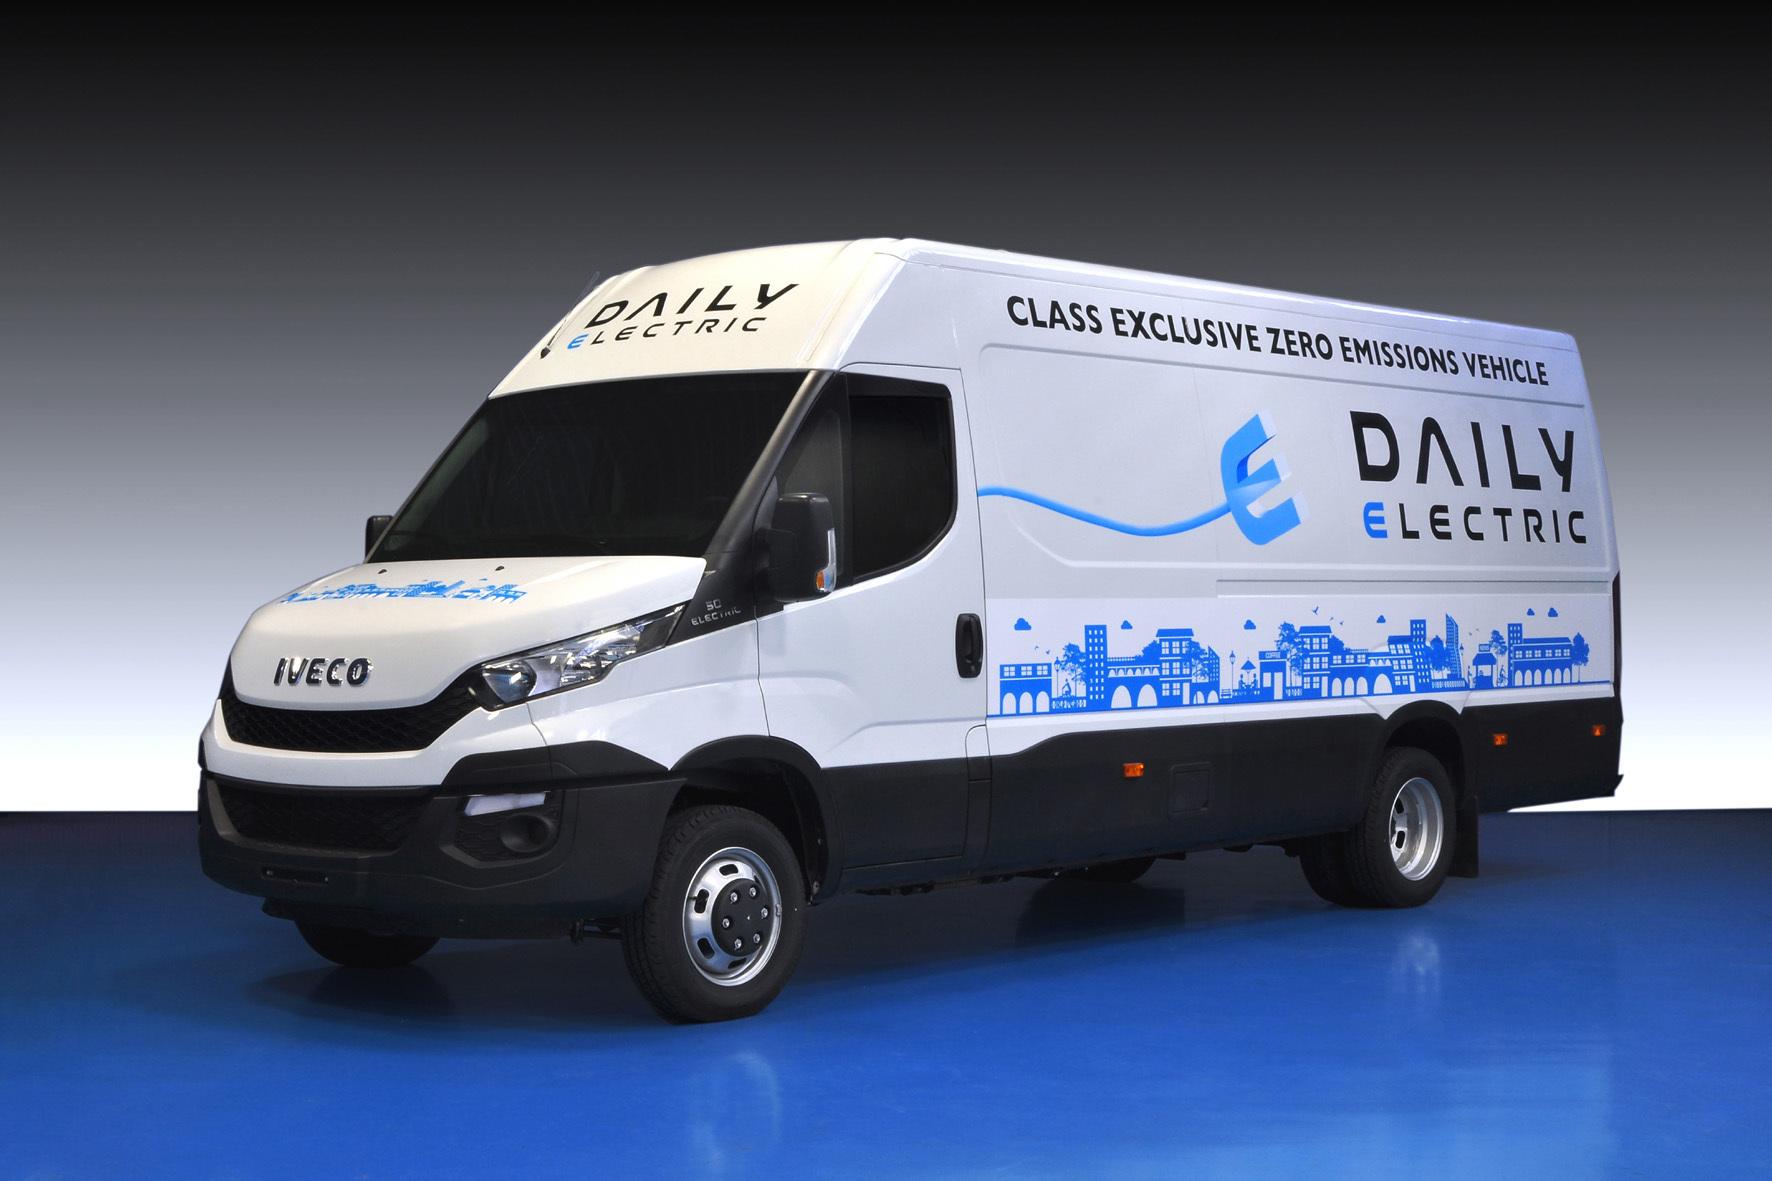 mid Düsseldorf - E-Mobilität auch bei großen Transportern: Der neue Iveco Daily Electric ist insbesondere für den innerstädtischen Lieferverkehr und Personentransport gedacht.